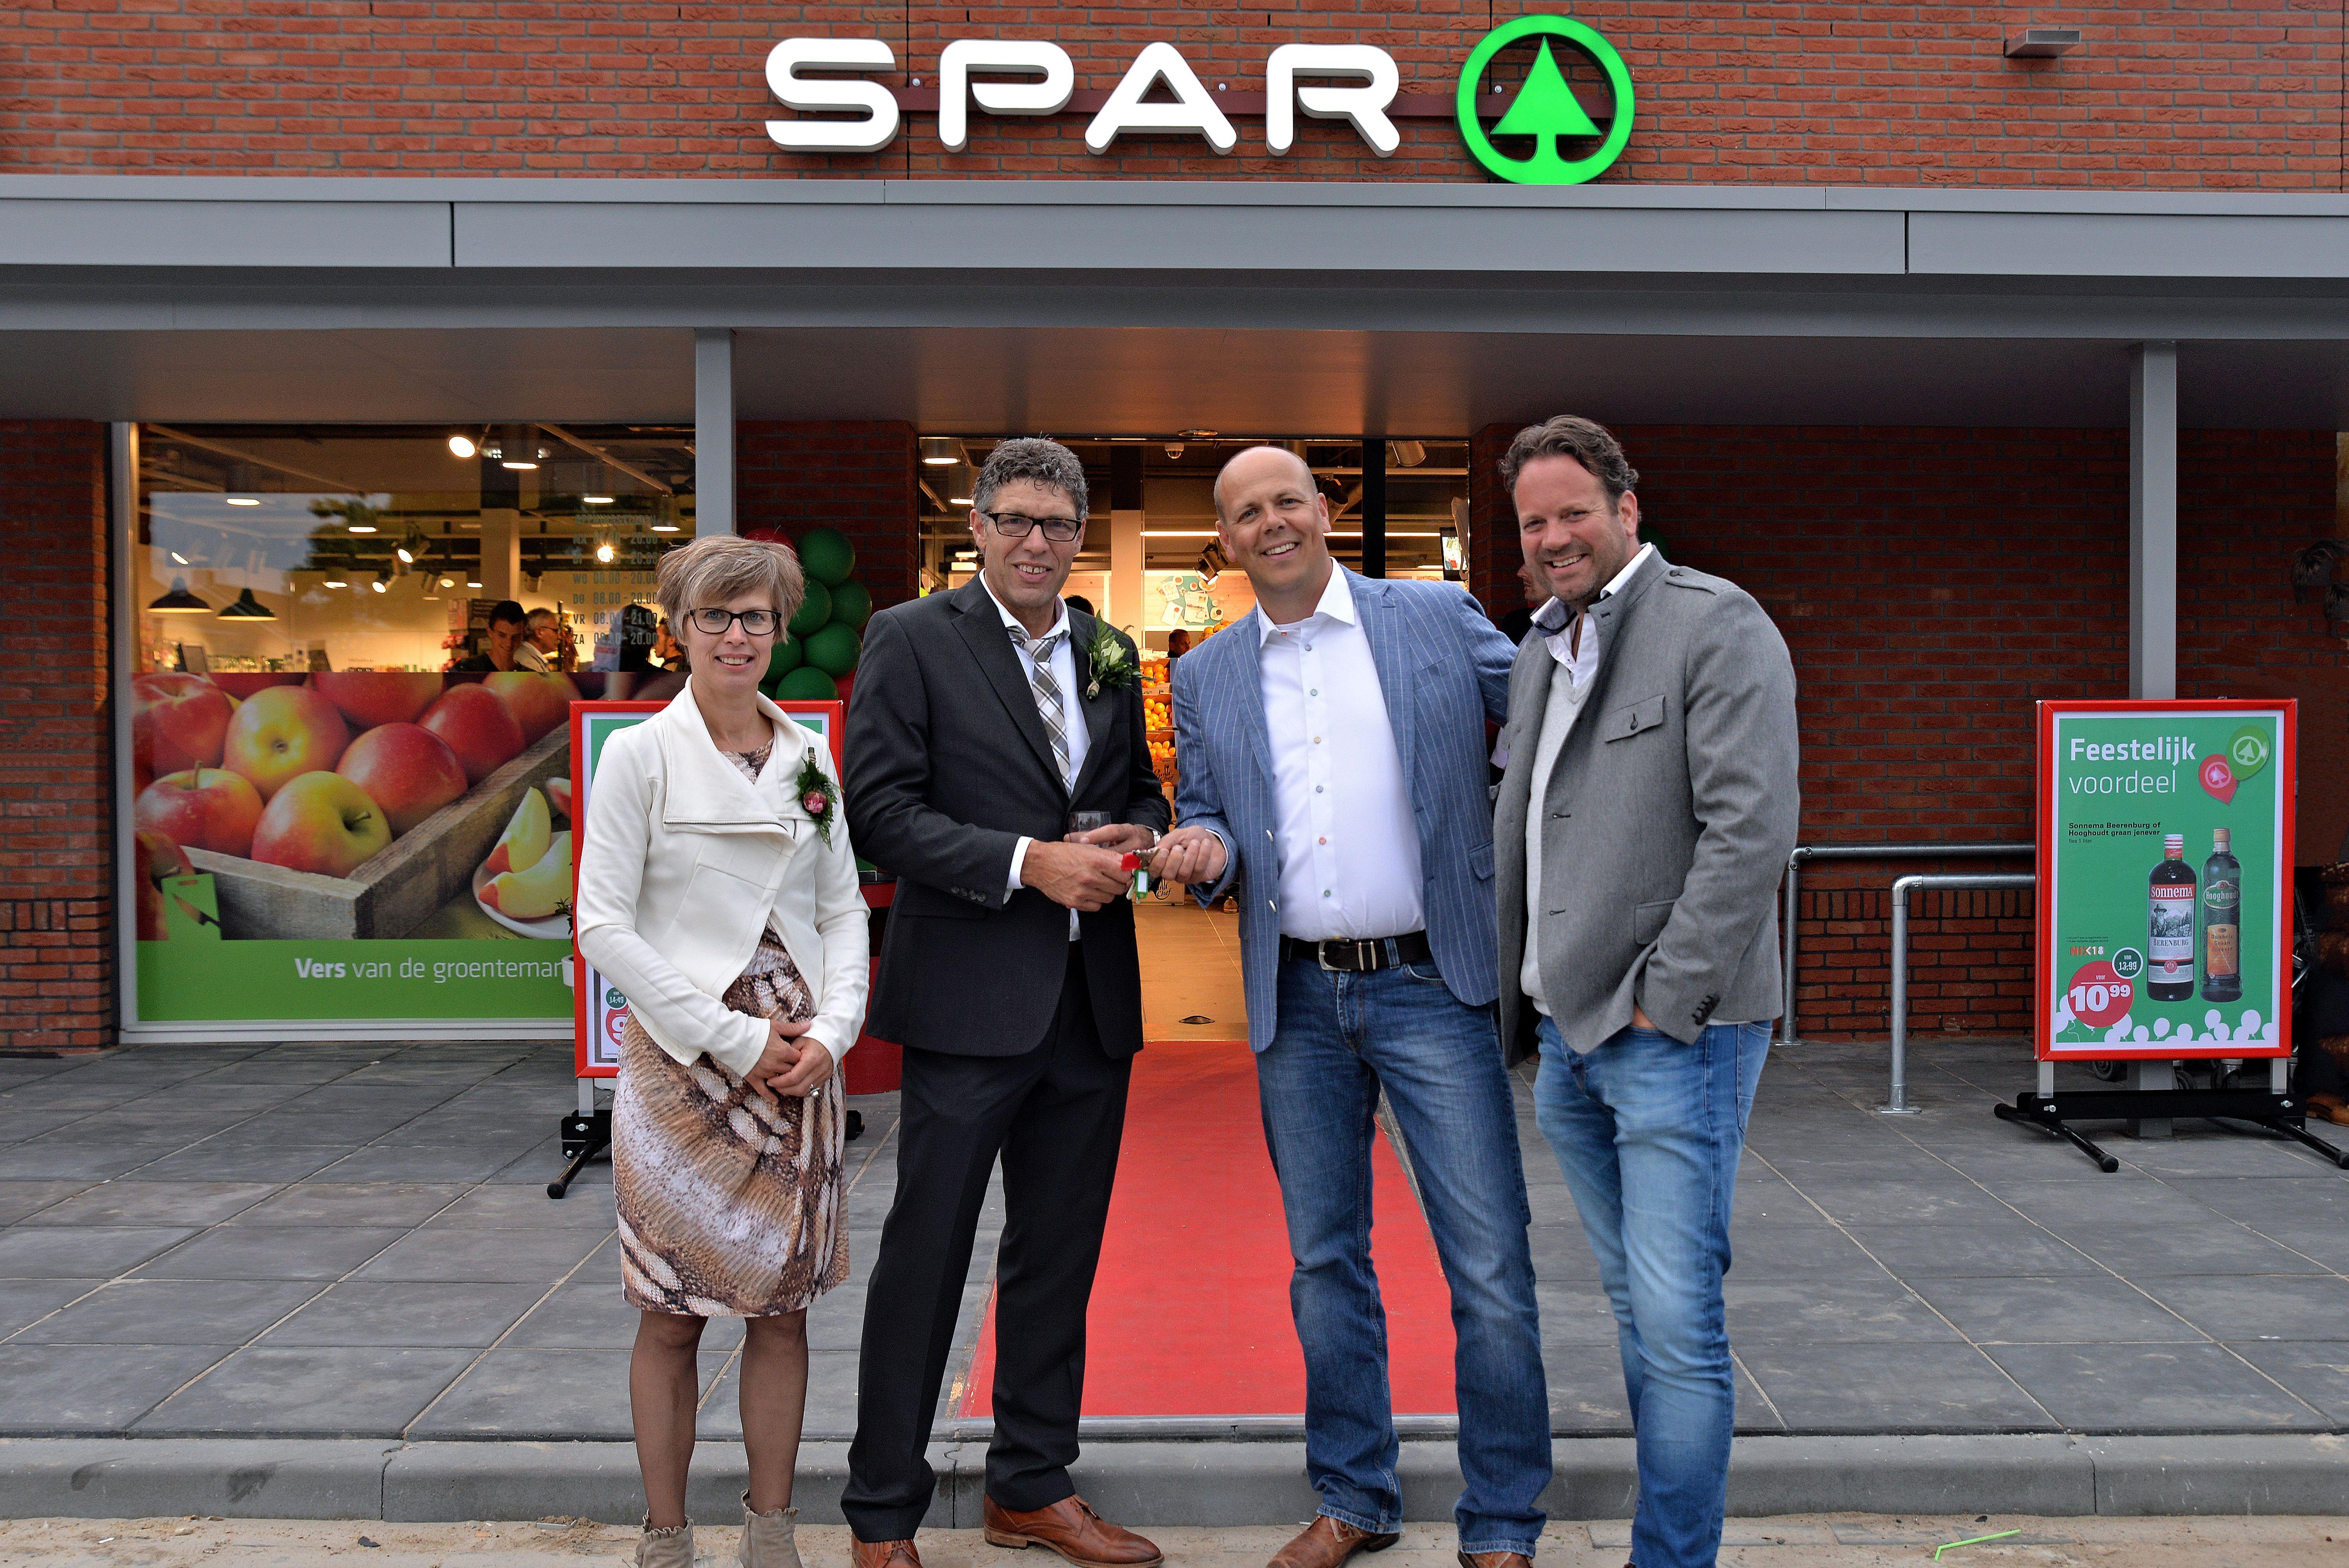 [Foto: Opening De Spar 3.0 in Dokkum. Vlnr: Marjan en Lammert Boonstra, Erik Zwanenburg, Bernhard Hoekstra]